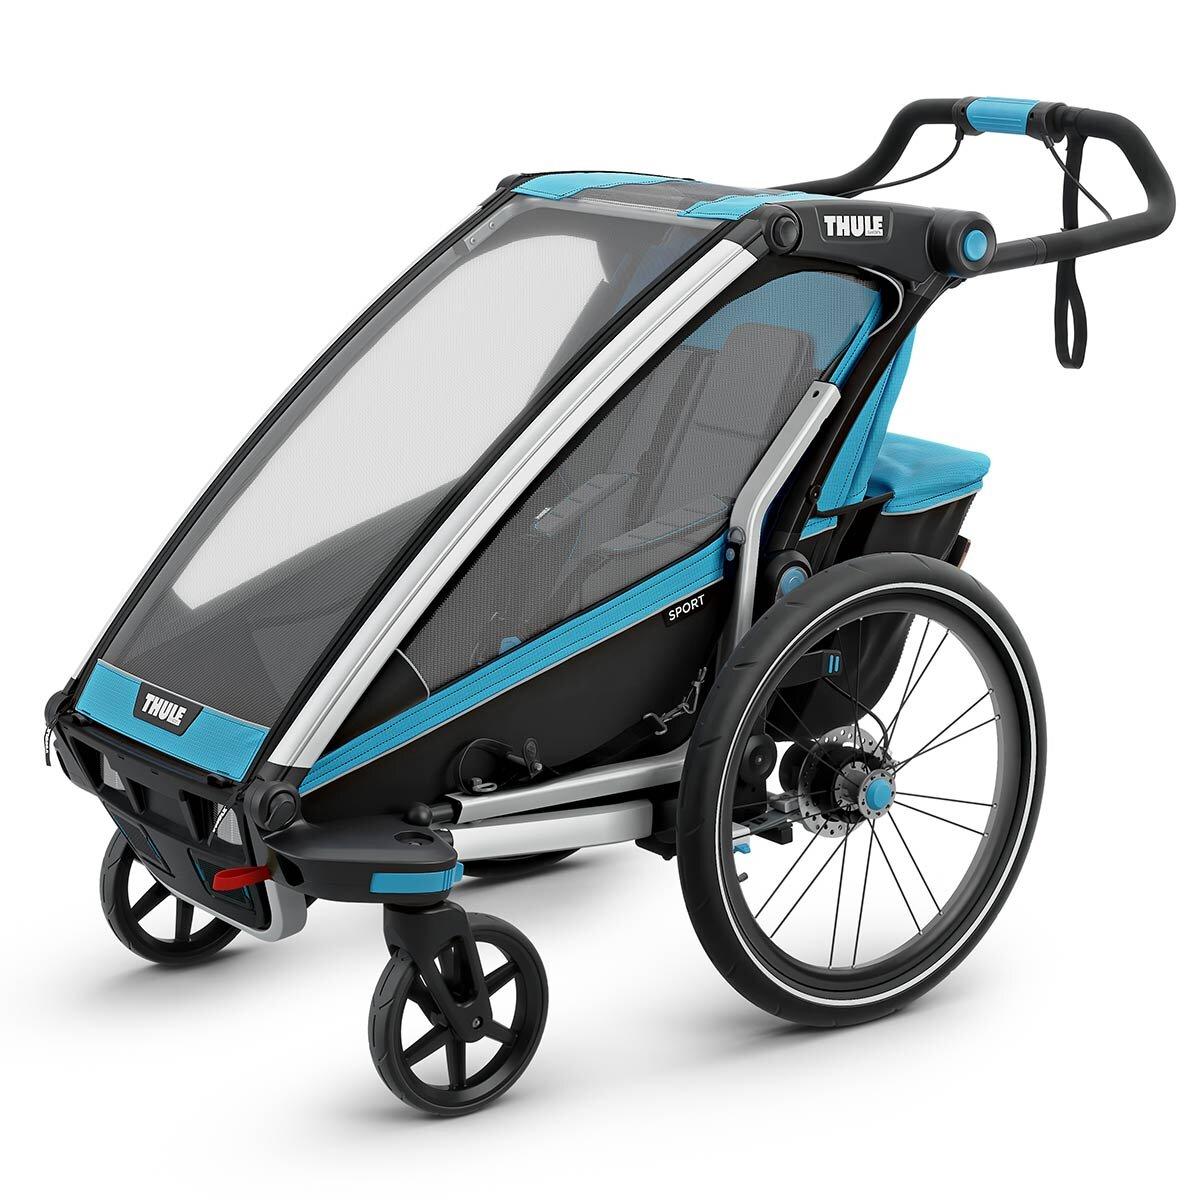 Thule Chariot Sport 1 Fahrradanhänger Modell 2019 Blue / Black